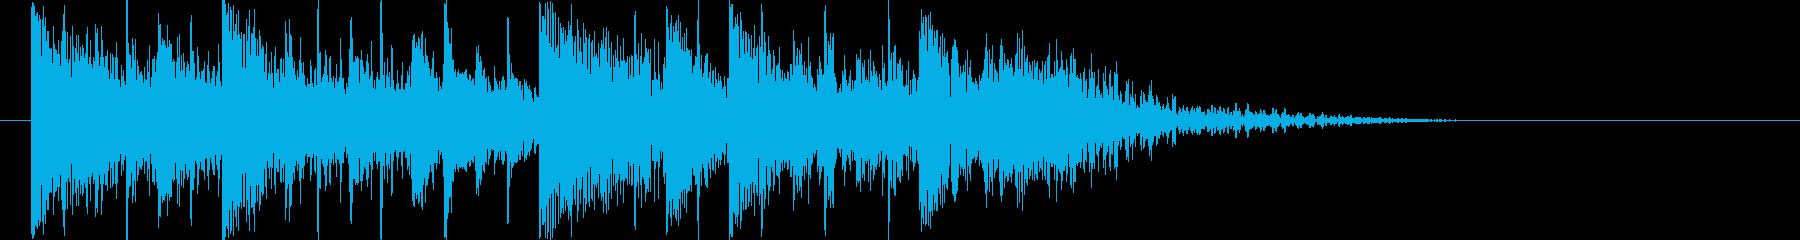 激しくハイスピードなデジタルロゴの再生済みの波形